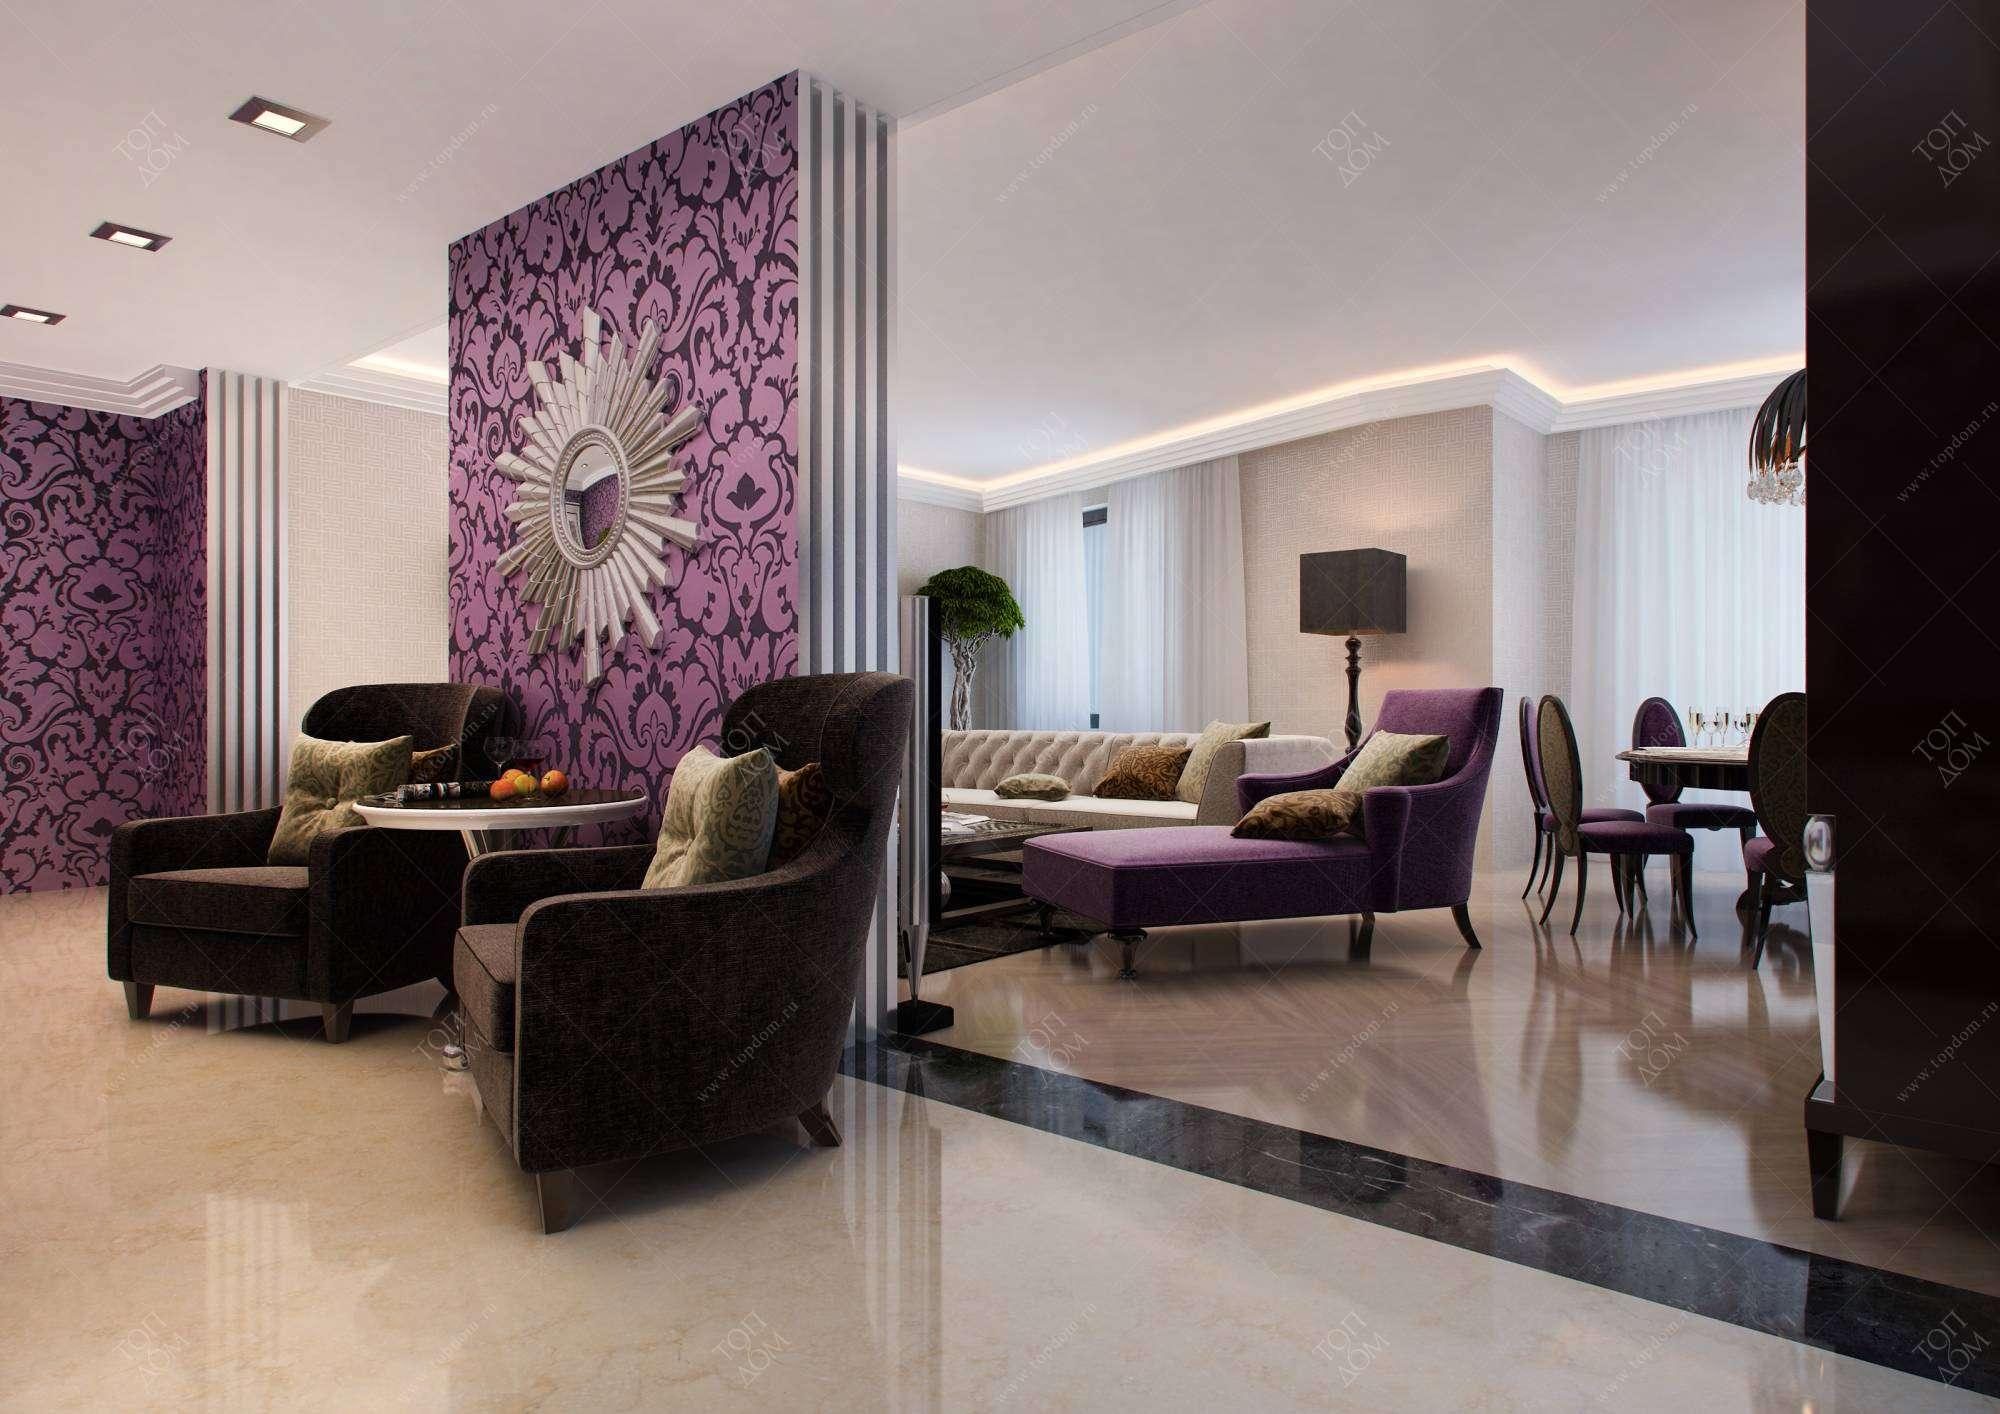 Дизайн интерьера гостиных > 760 фото в квартирах и ...